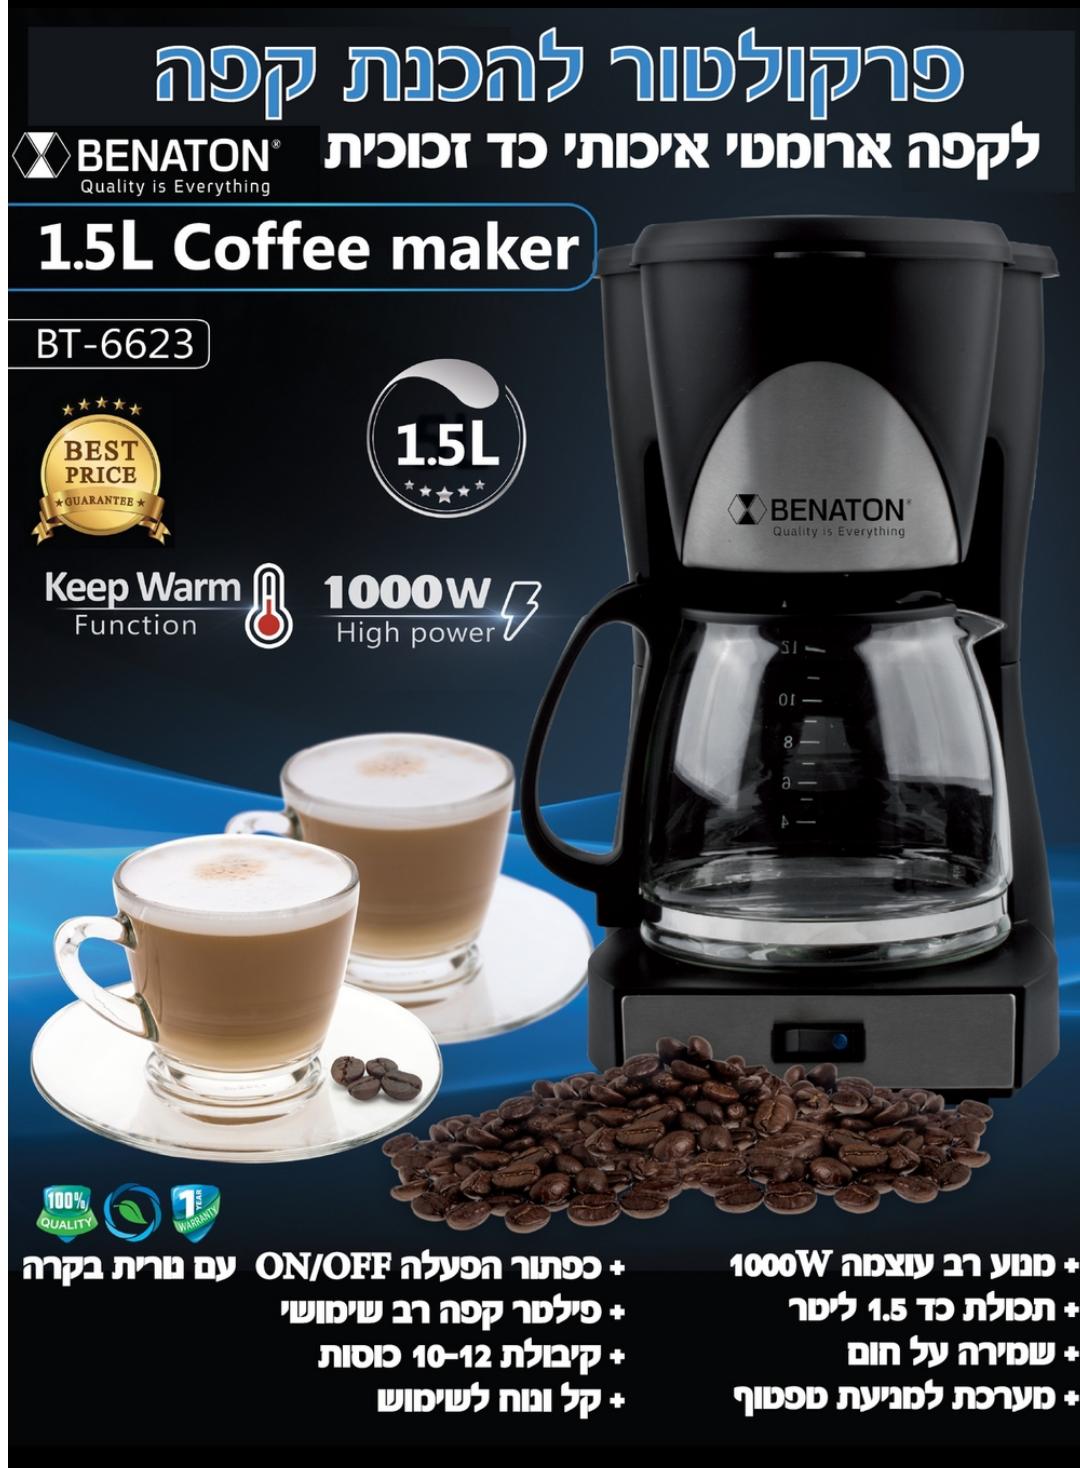 ענק מכונת קפה פילטר ביתית   פרקולטור BENATON BT-6623   מכונת קפה שחור BX-67